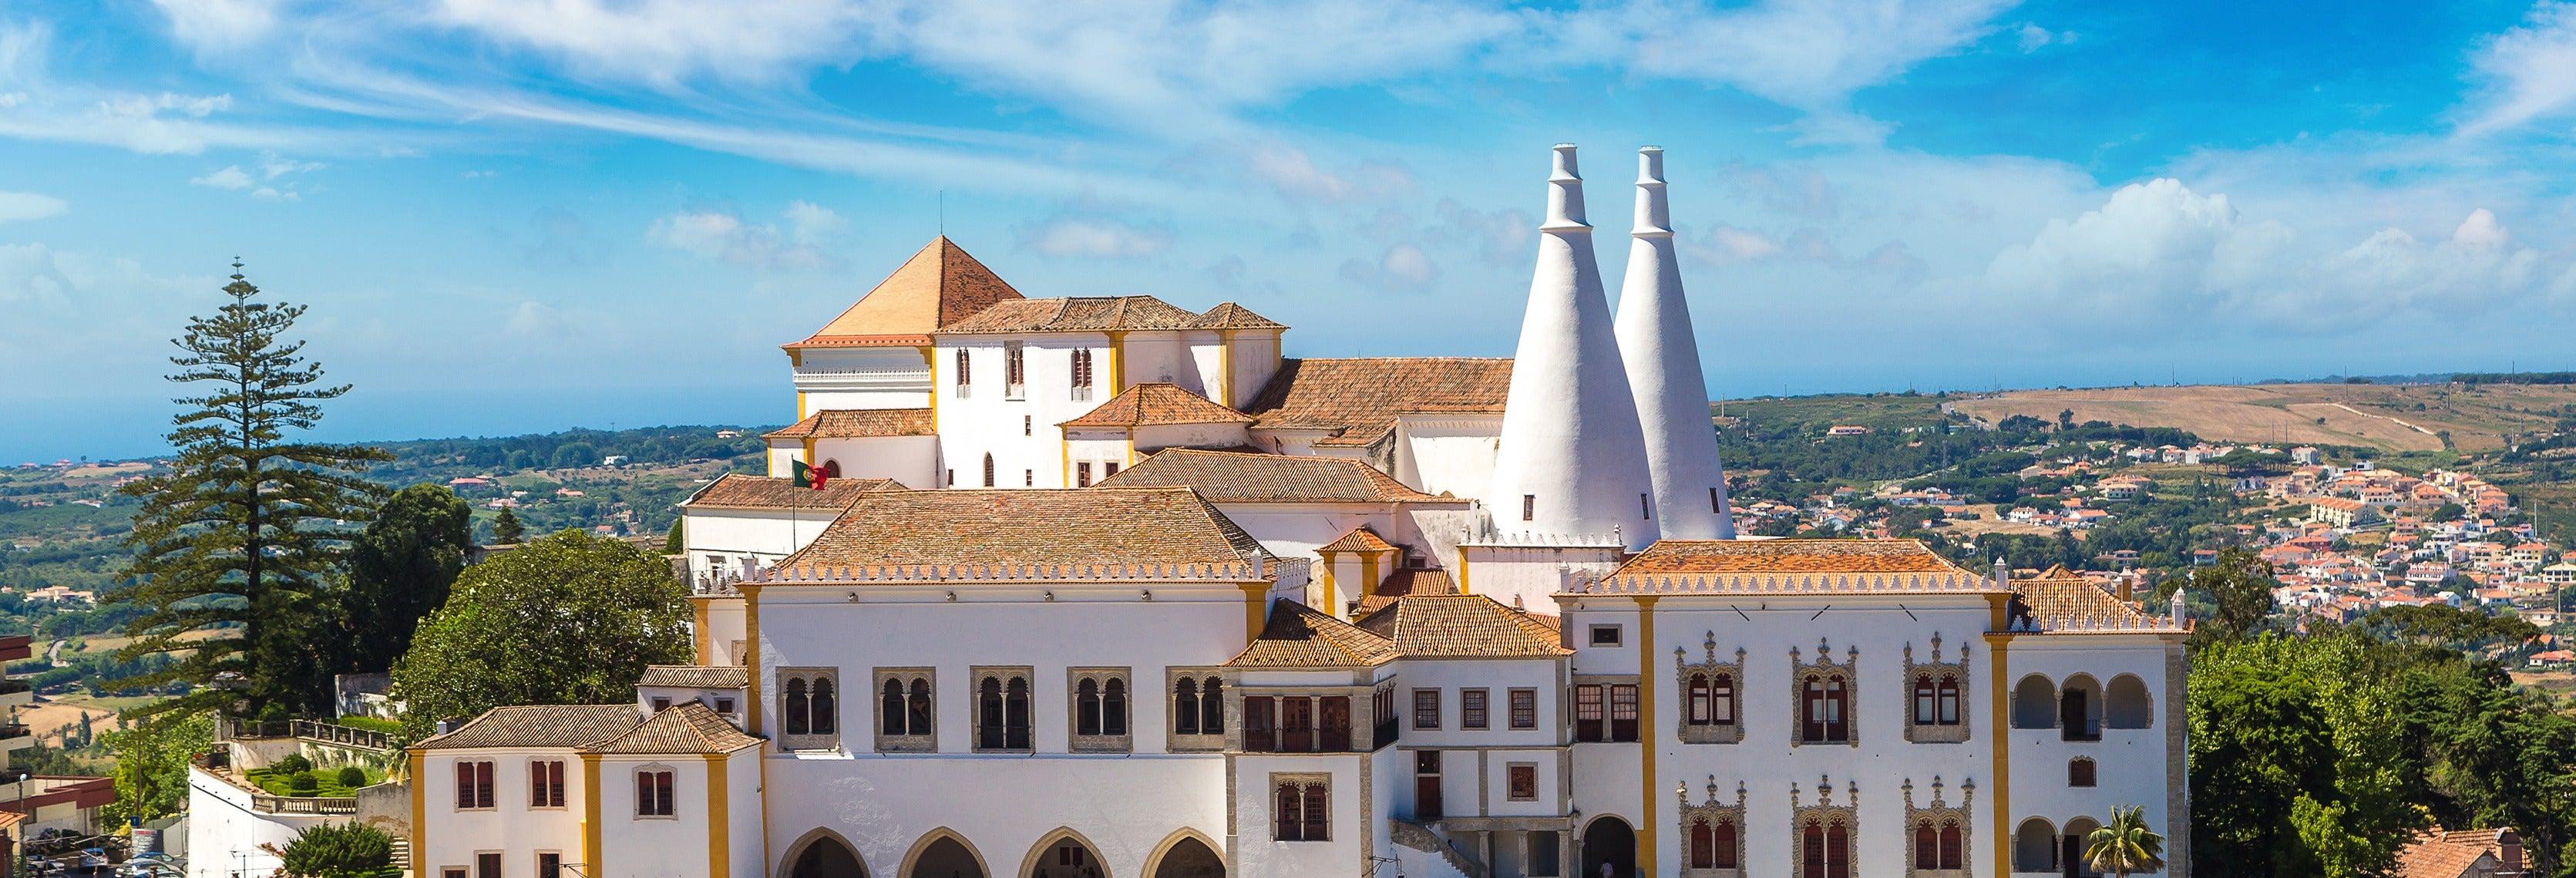 Tour de 4x4 por Sintra